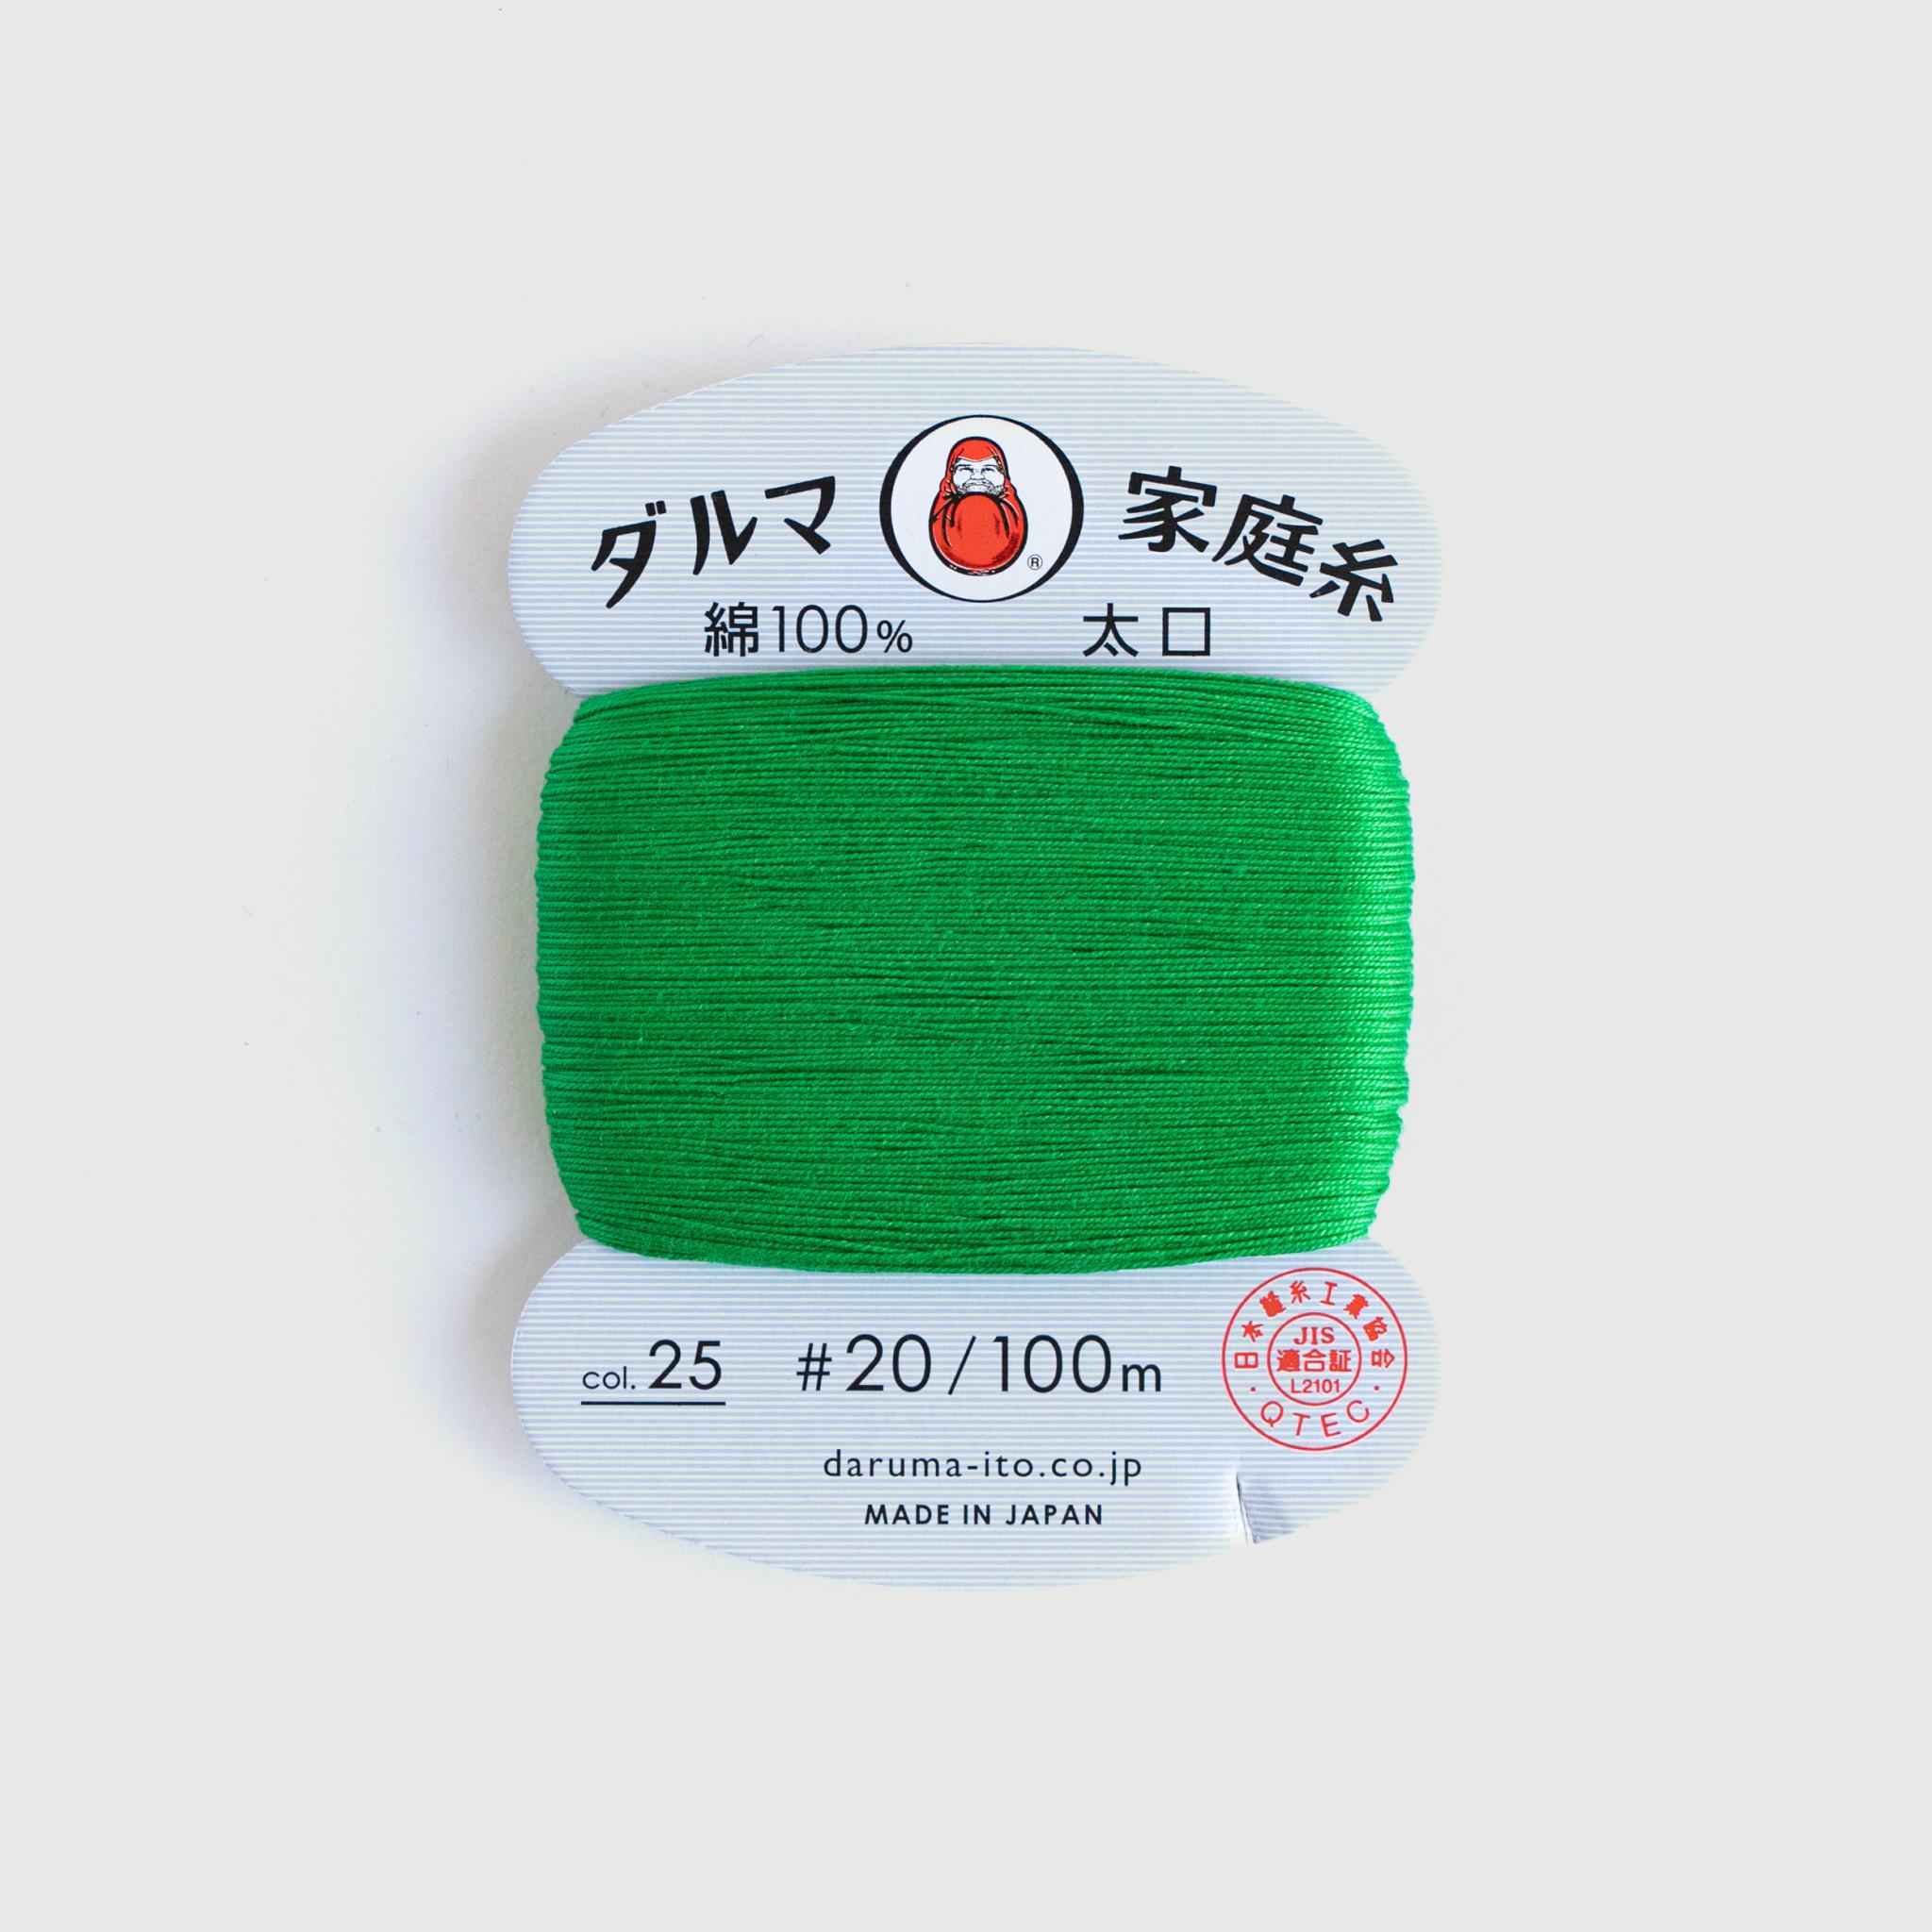 Daruma Daruma-Ito Home Thread #20 (Thick) 100m